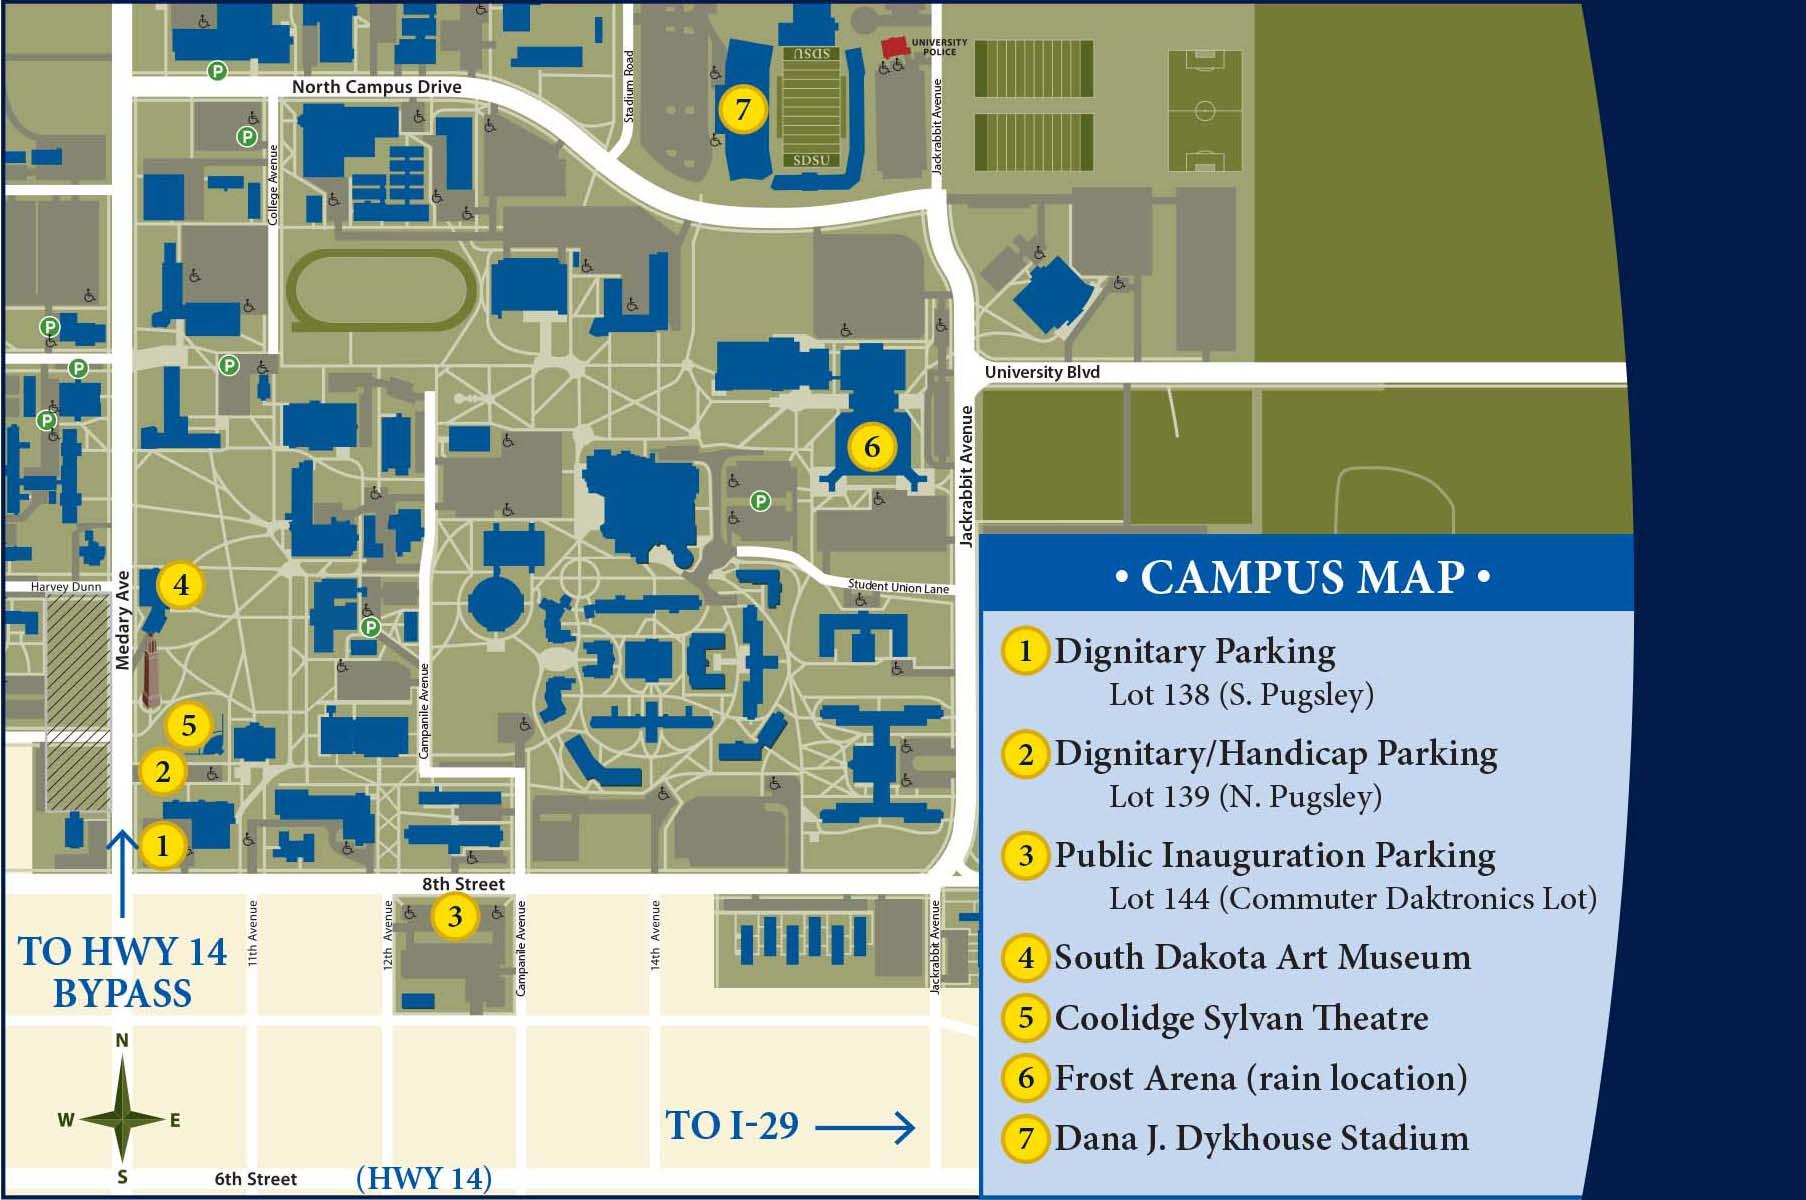 The Inaugural Celebration For Barry H. Dunn | South Dakota Intended For South Dakota State University 2020 Academic Calendar